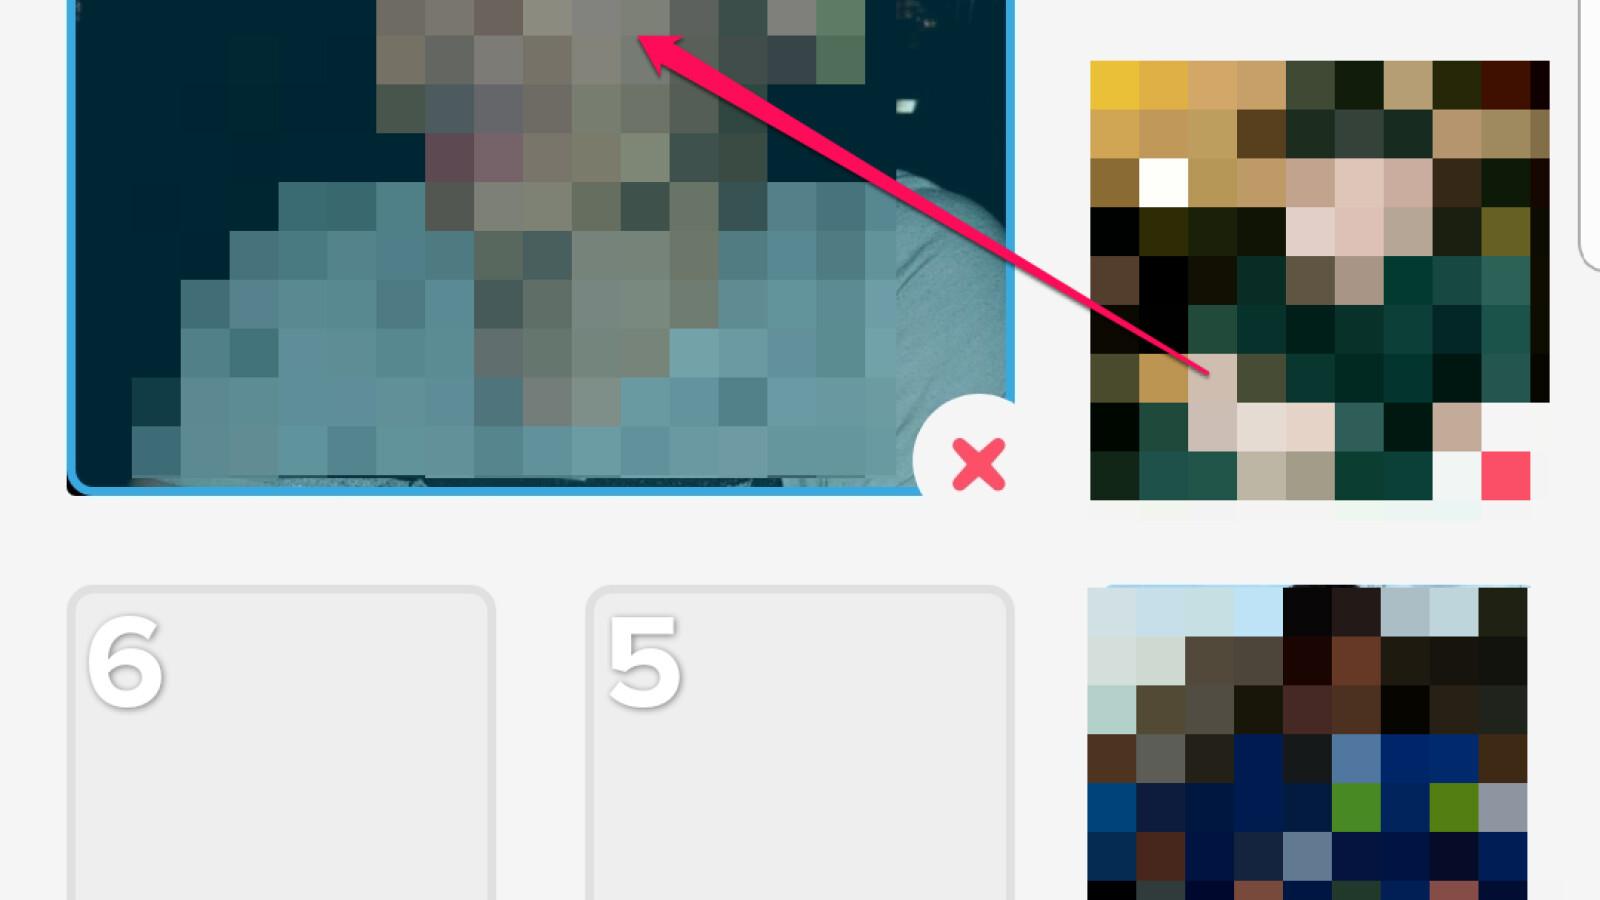 Fehlgeschlagen lovoo bilder hochladen Profilbild: Wie